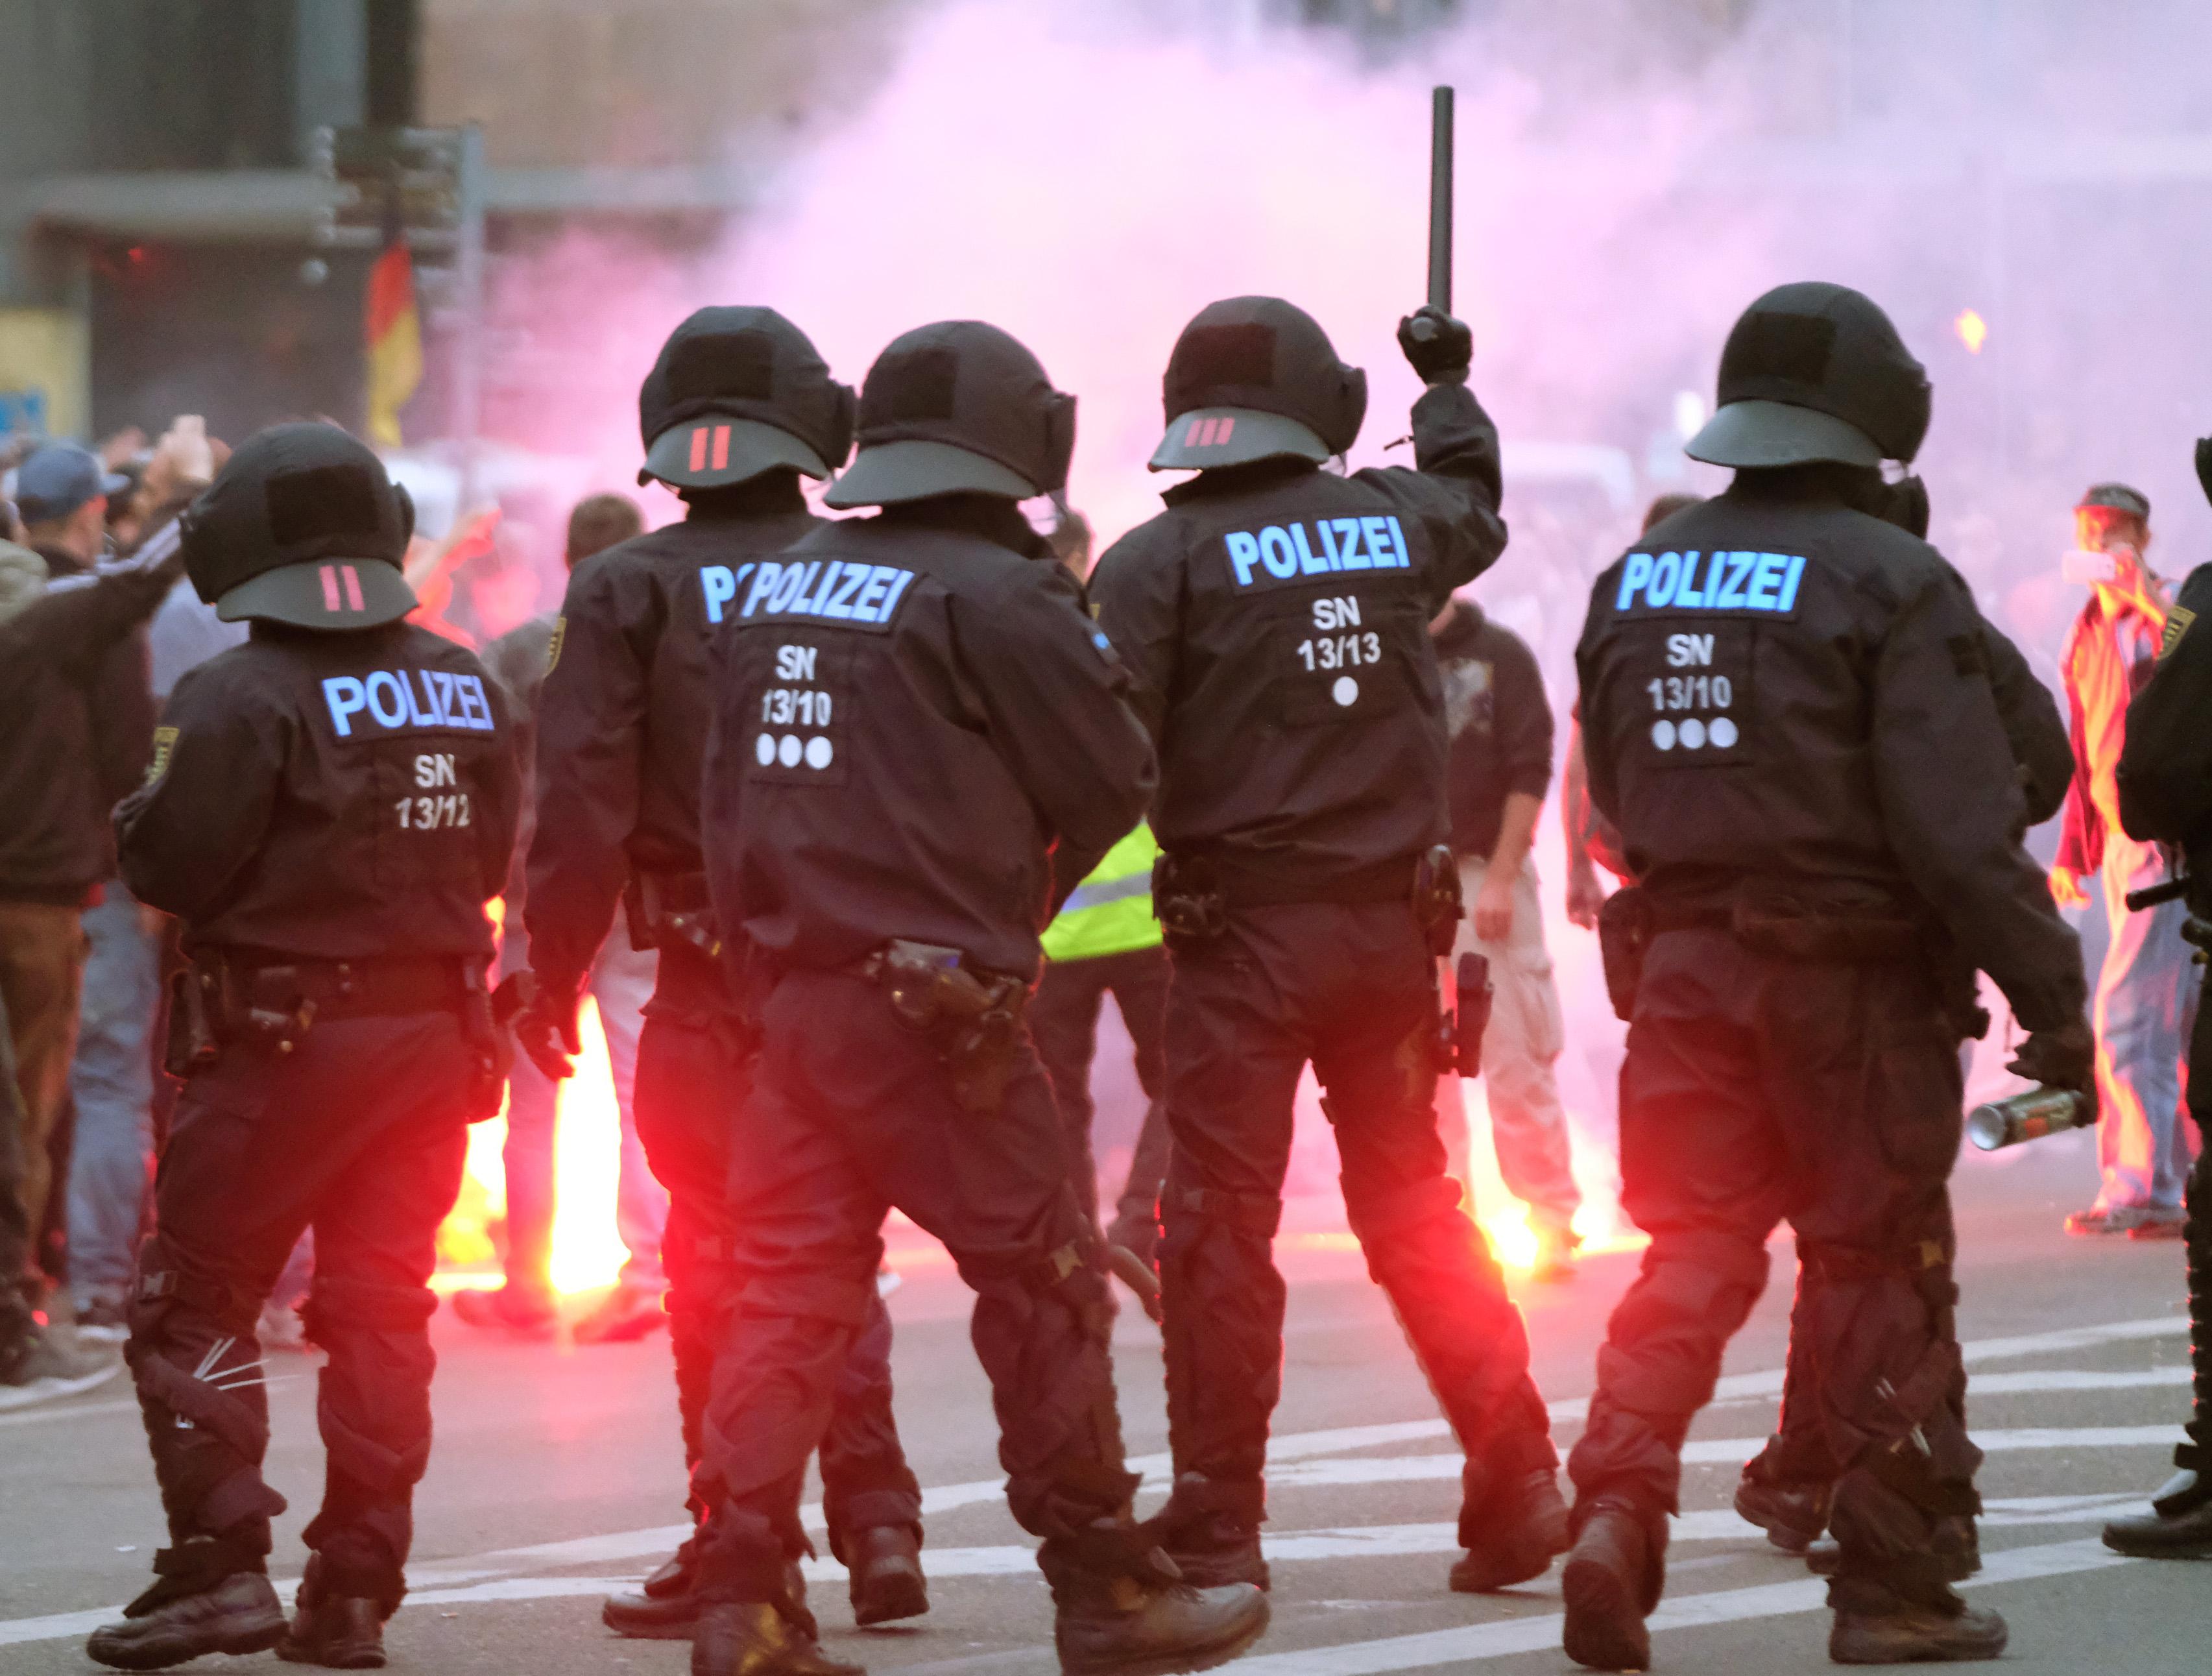 Feszült a helyzet Chemnitzben: szélsőjobbos és antináci tüntetők csaptak össze a vasárnapi késelés után